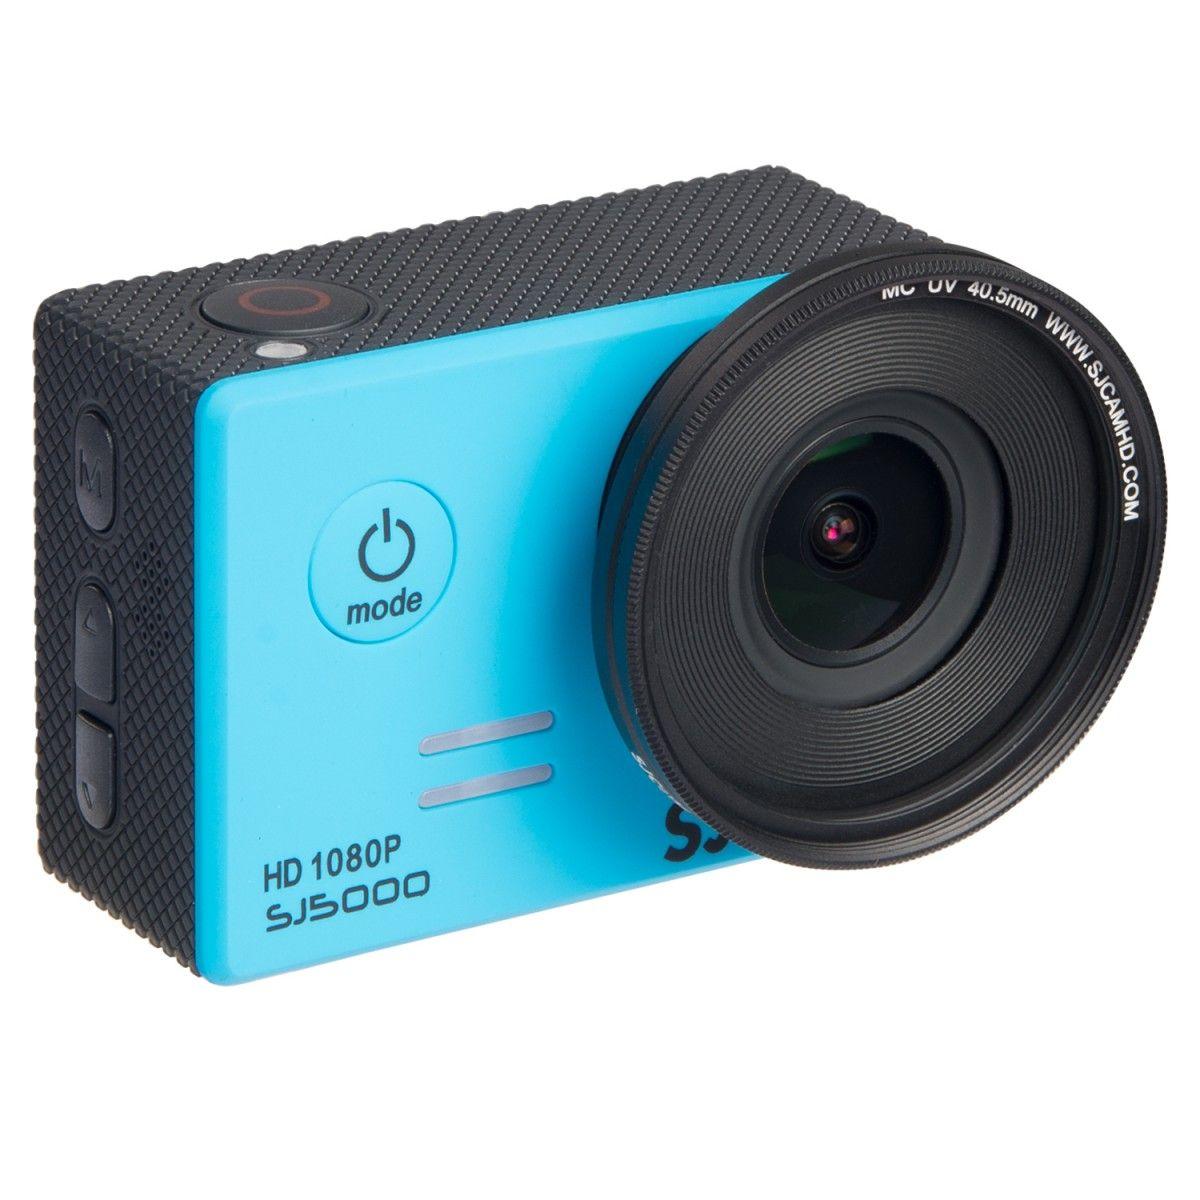 Защитный UV фильтр для SJ5000 СЕРИИ – 40,5 ММ  С Мультипросветлением